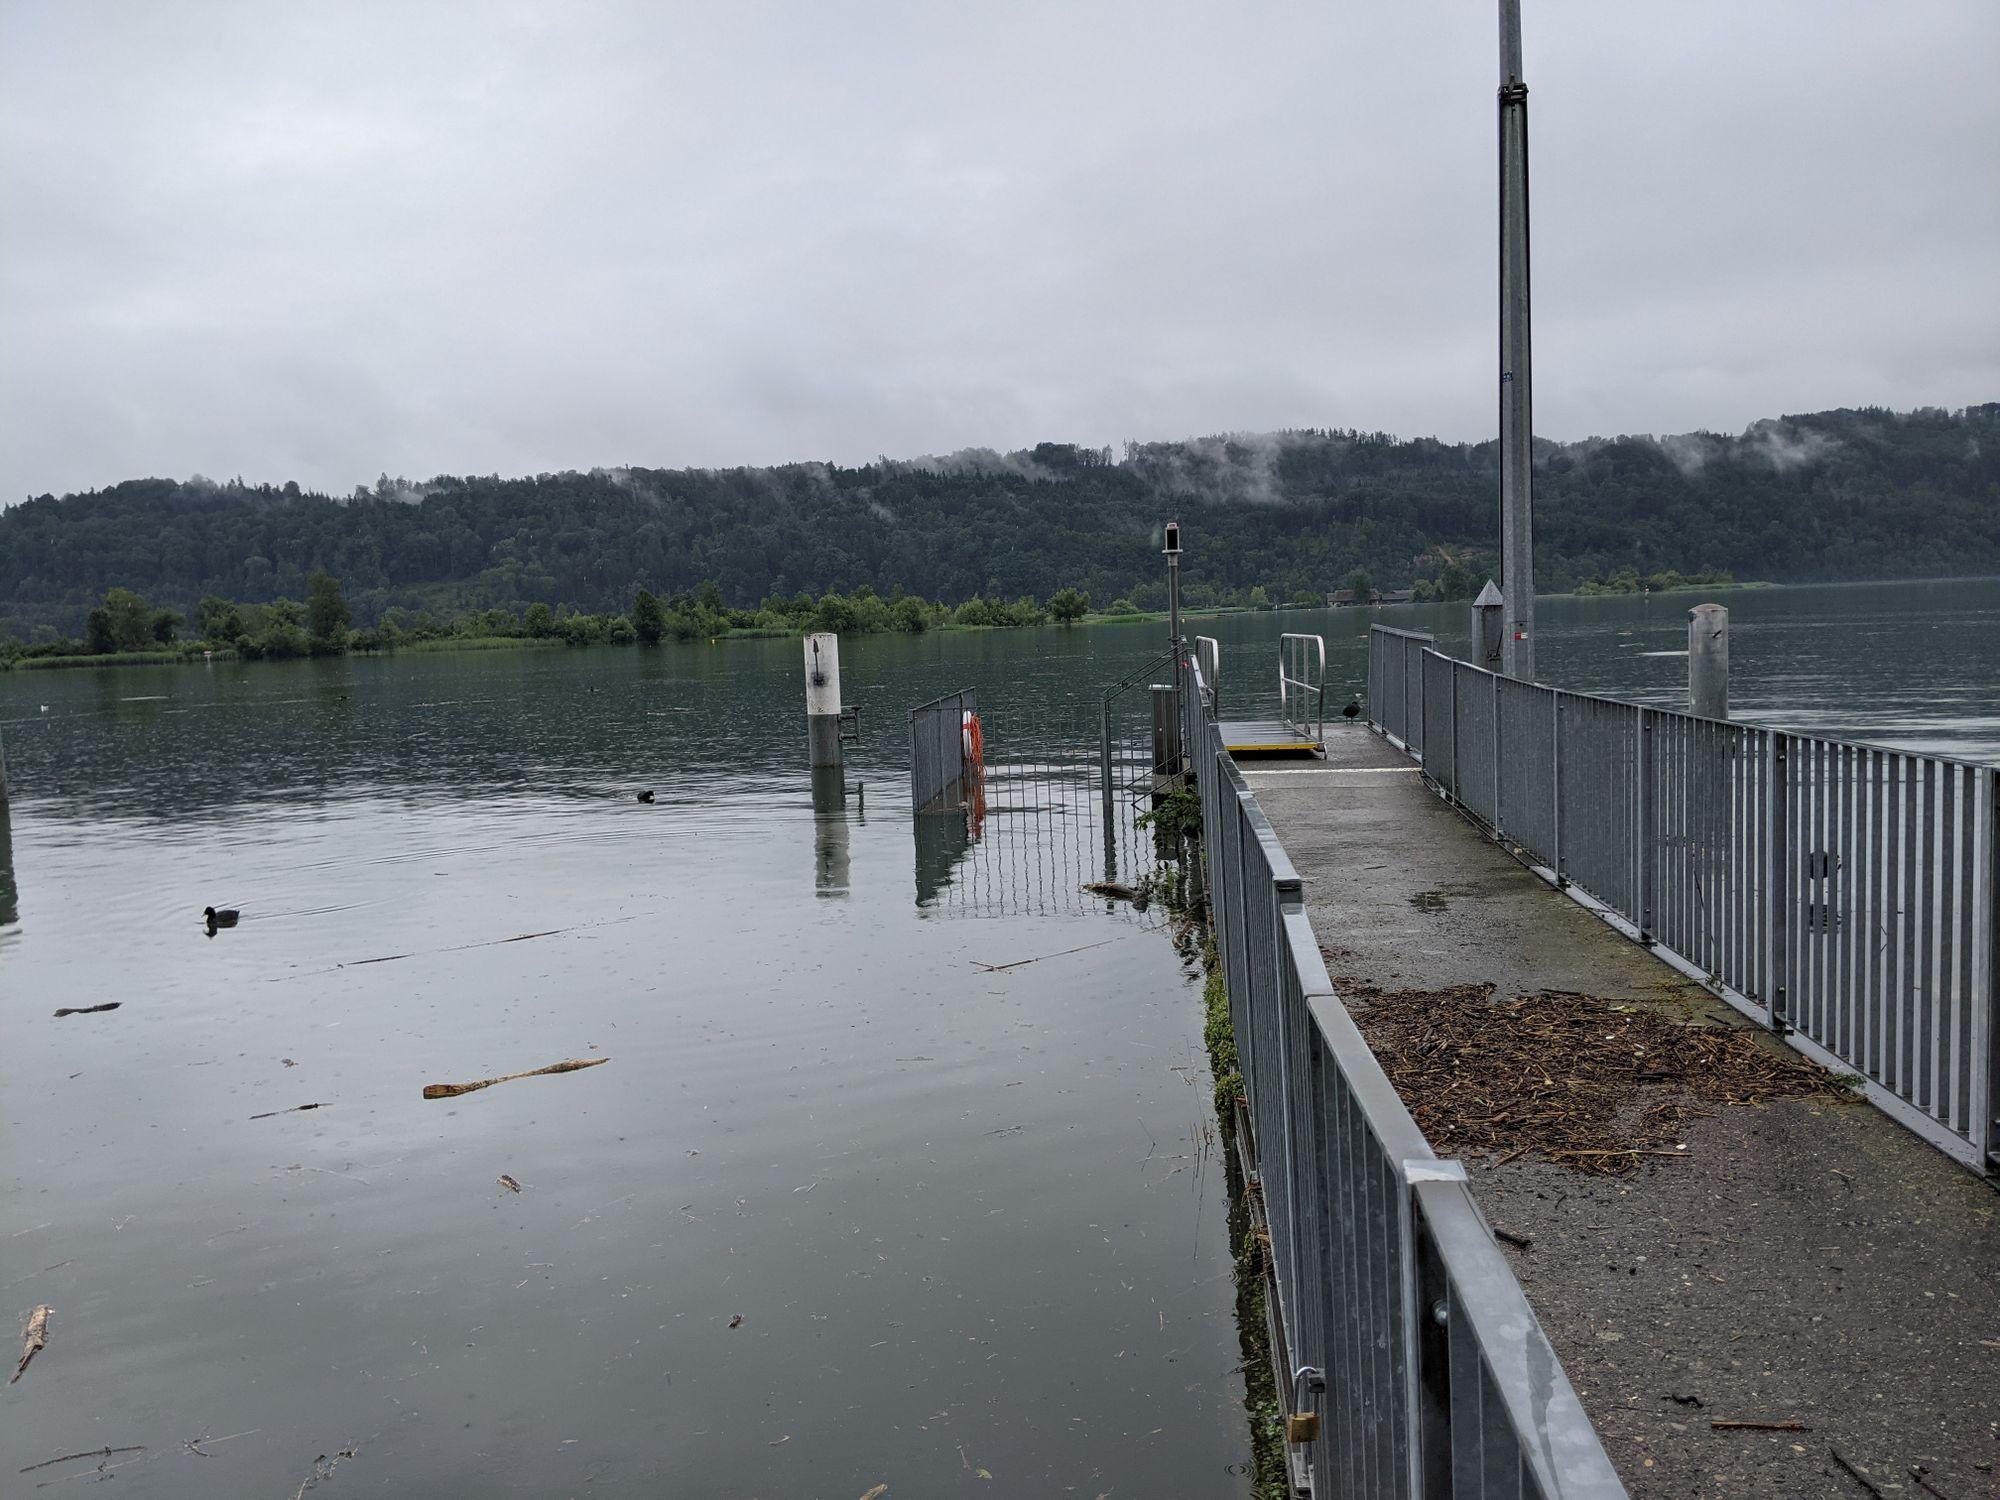 Hochwasser am Dampfschiffsteg in Schmerikon (Foto: Thomas Müller, 8716.ch)